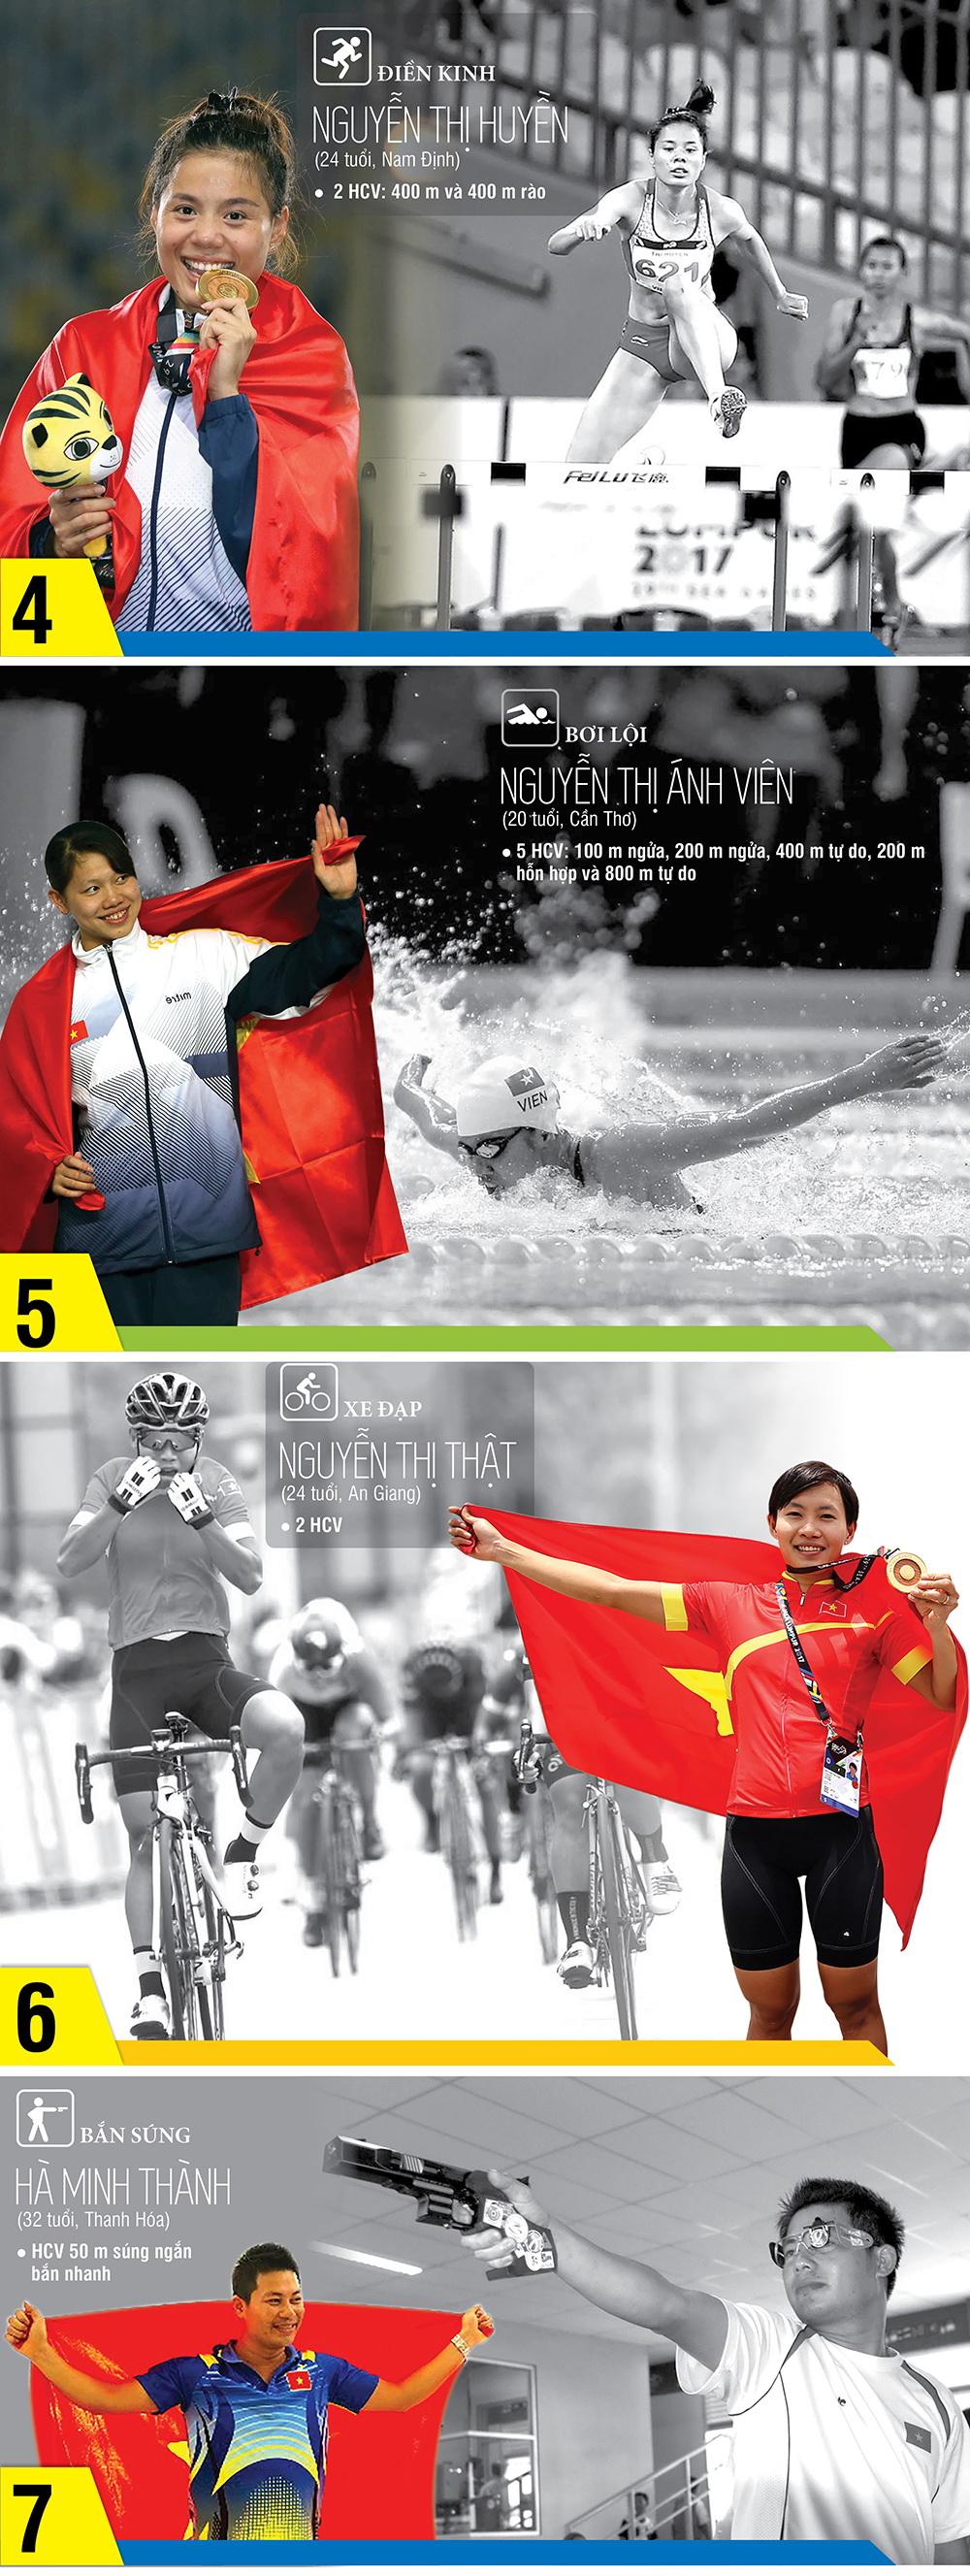 Rạng danh Việt Nam tại đấu trường SEA Games 29 - Ảnh 2.